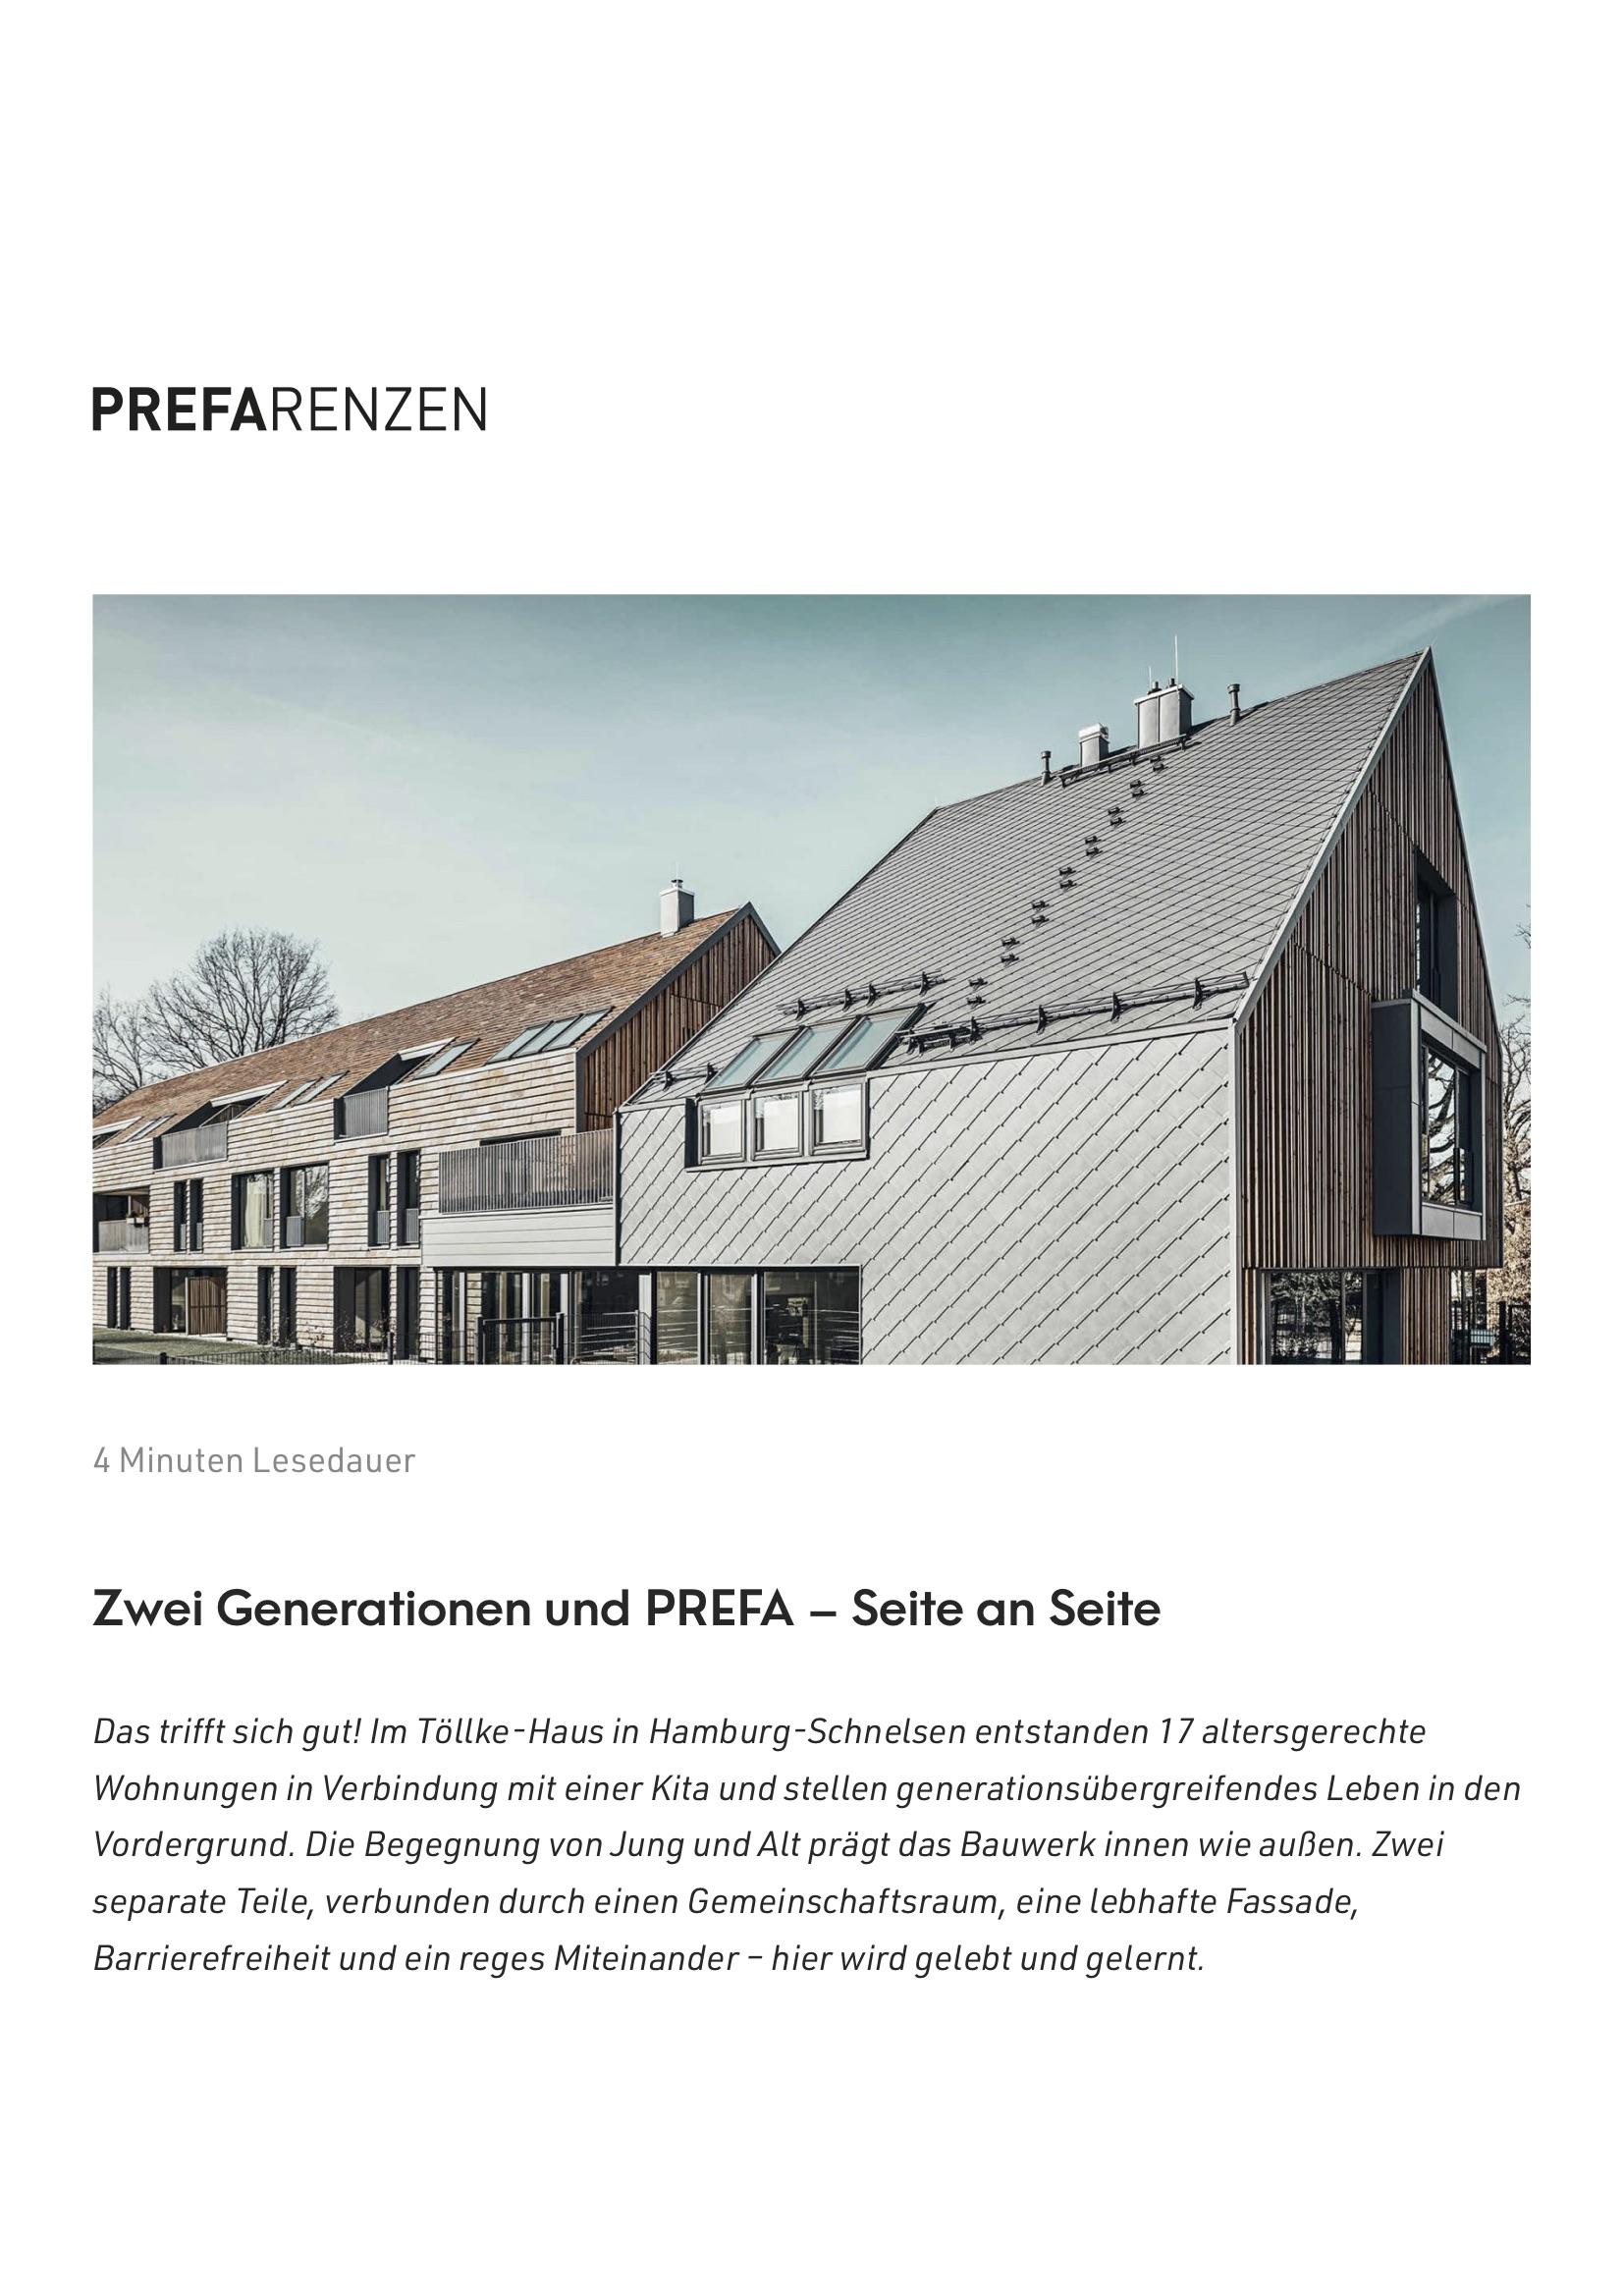 Zwei Generationen und PREFA – Seite an Seite - PREFARENZEN-01